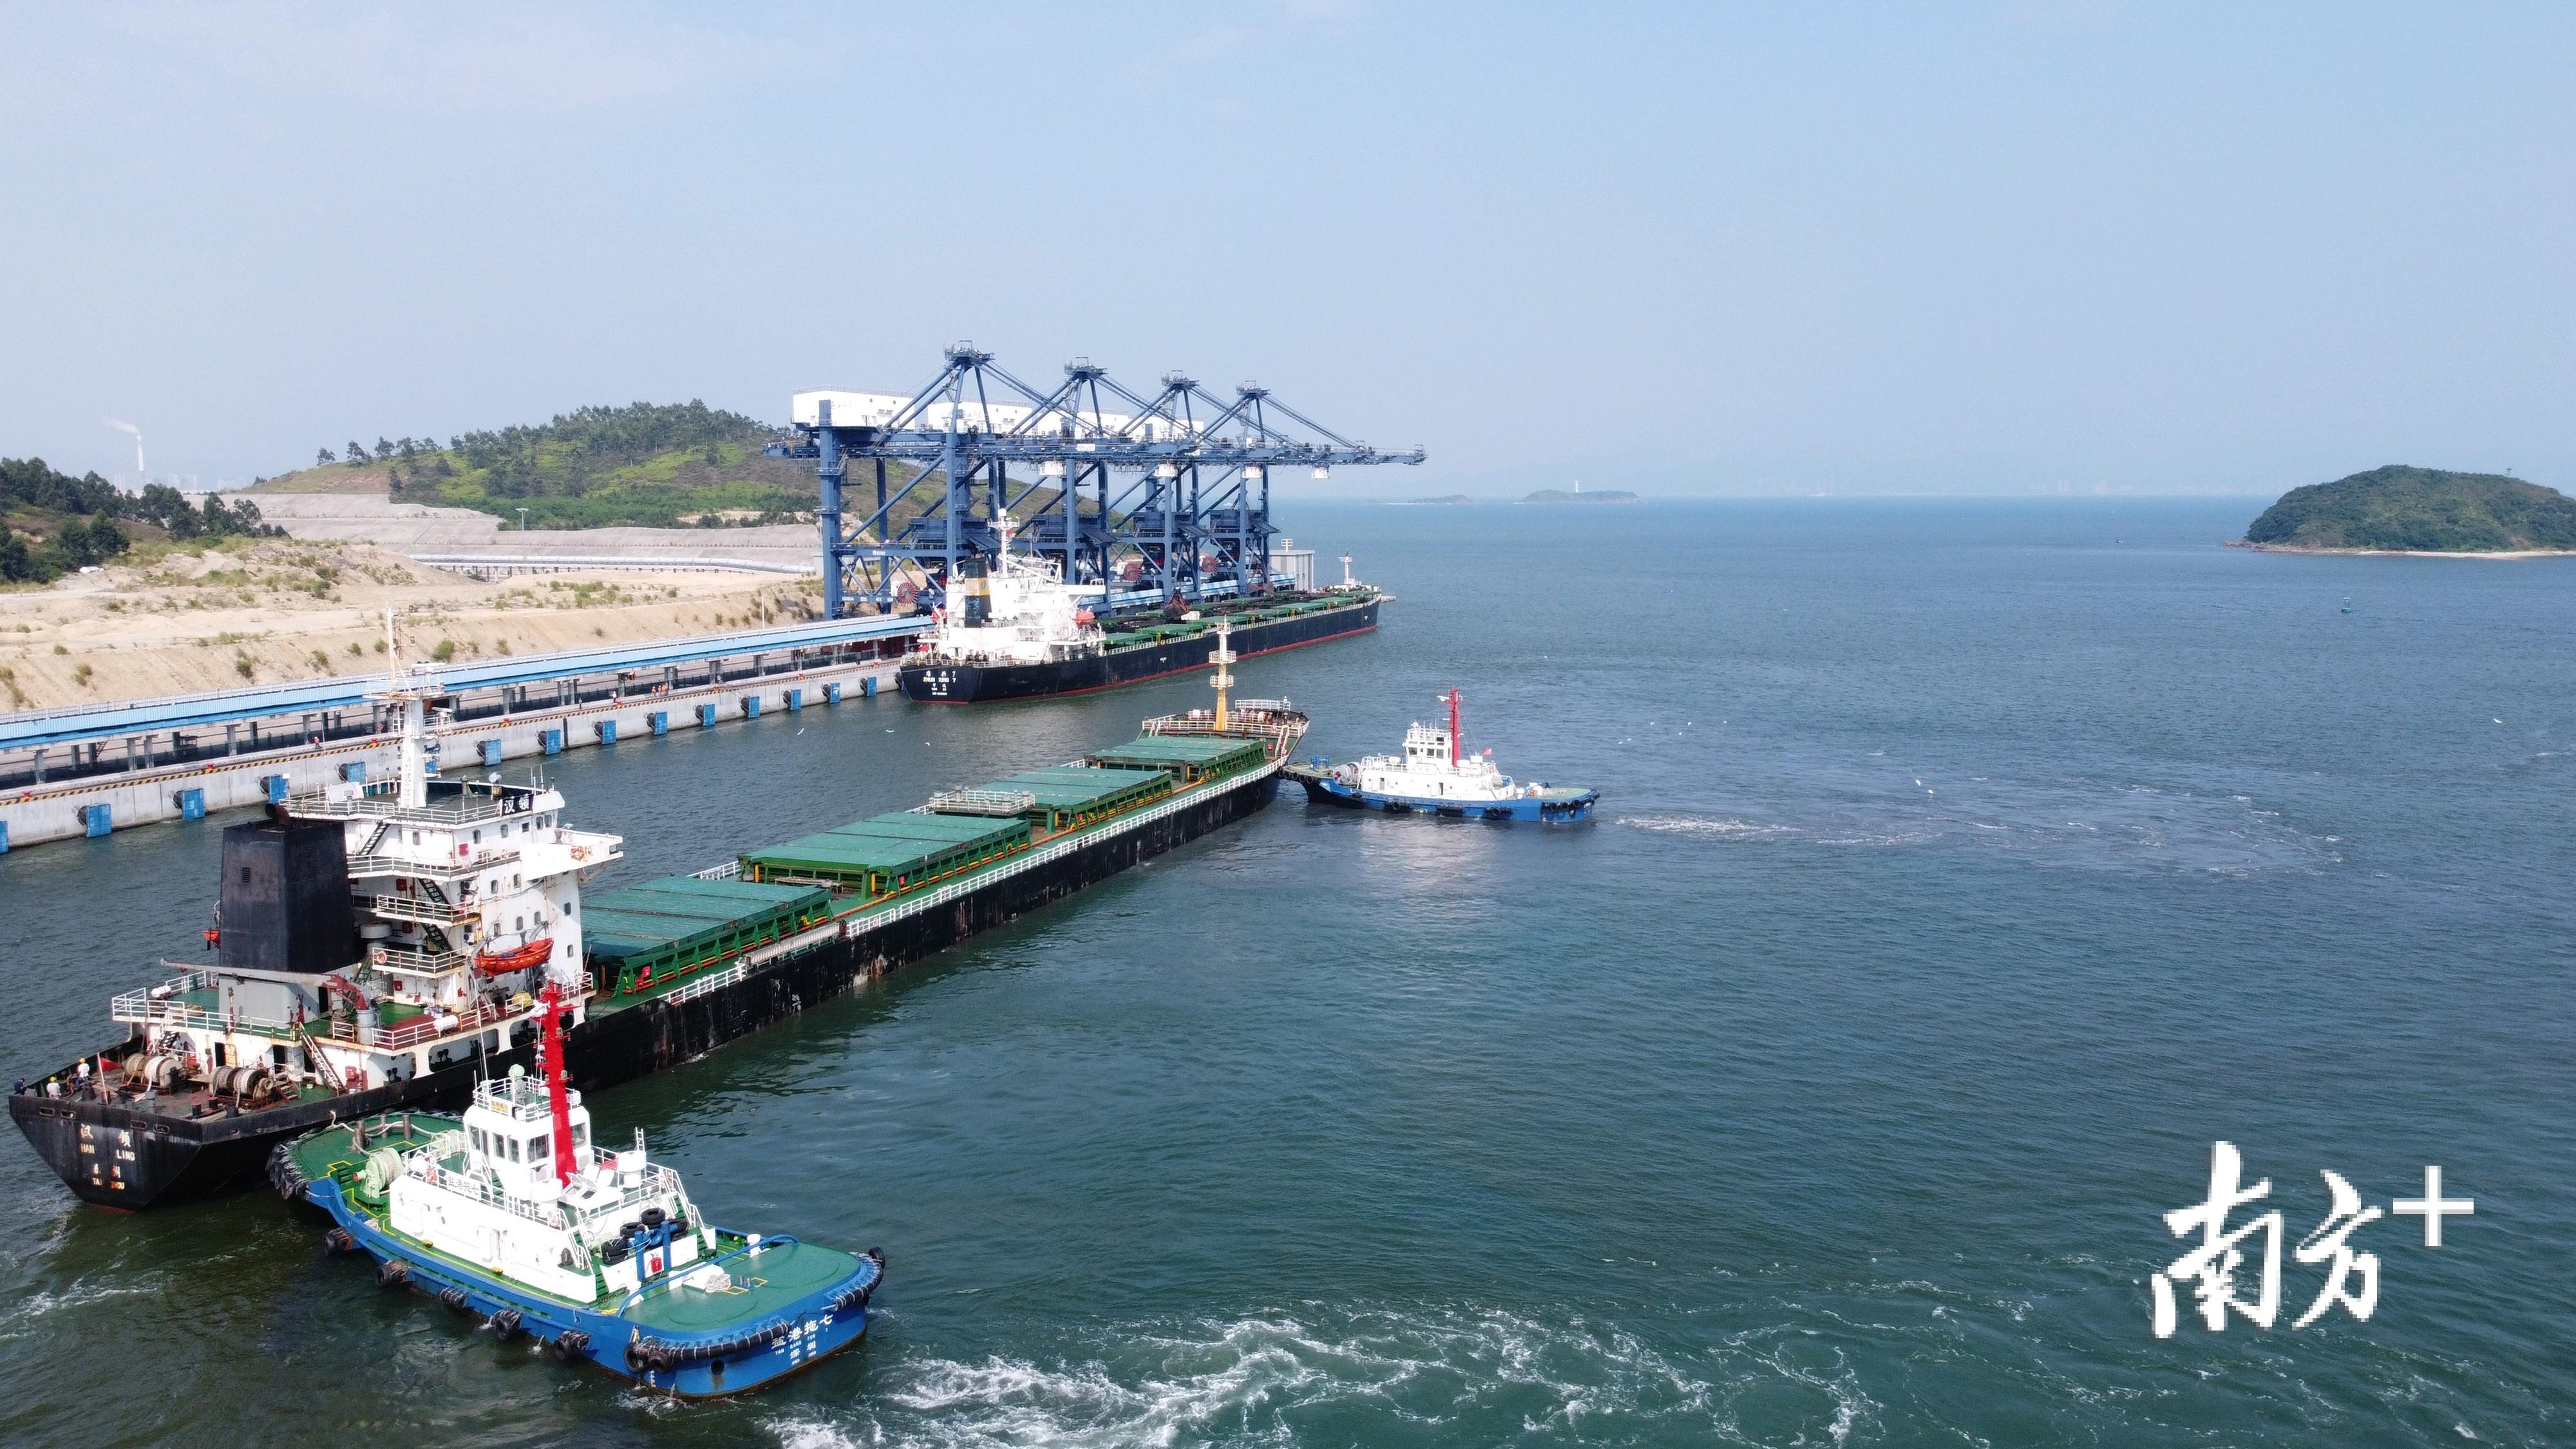 荃湾煤炭码头。